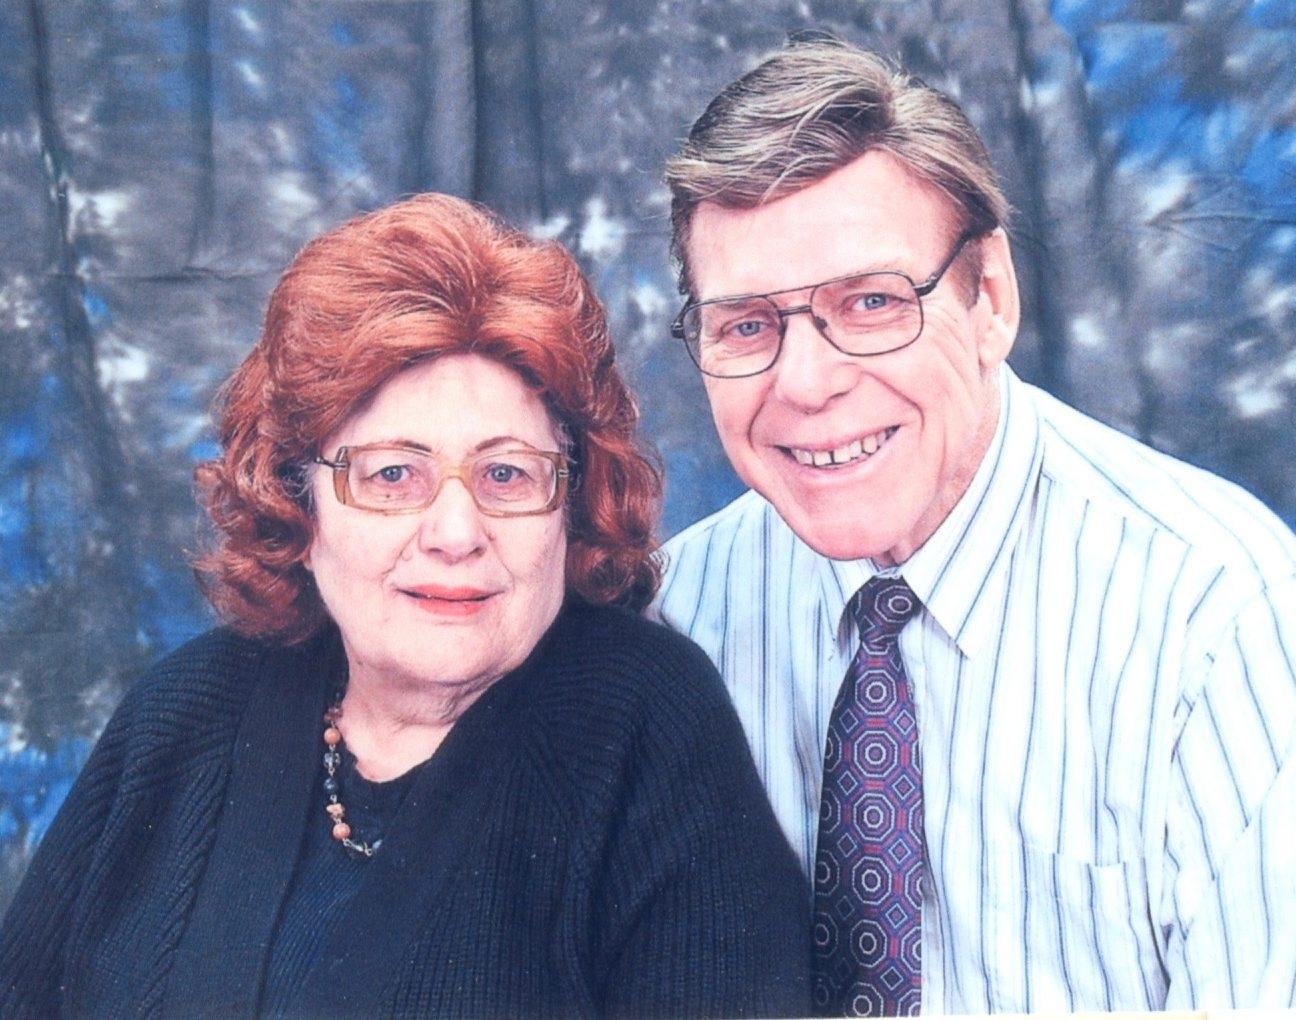 Mr & Ms William Benn GY - golden years